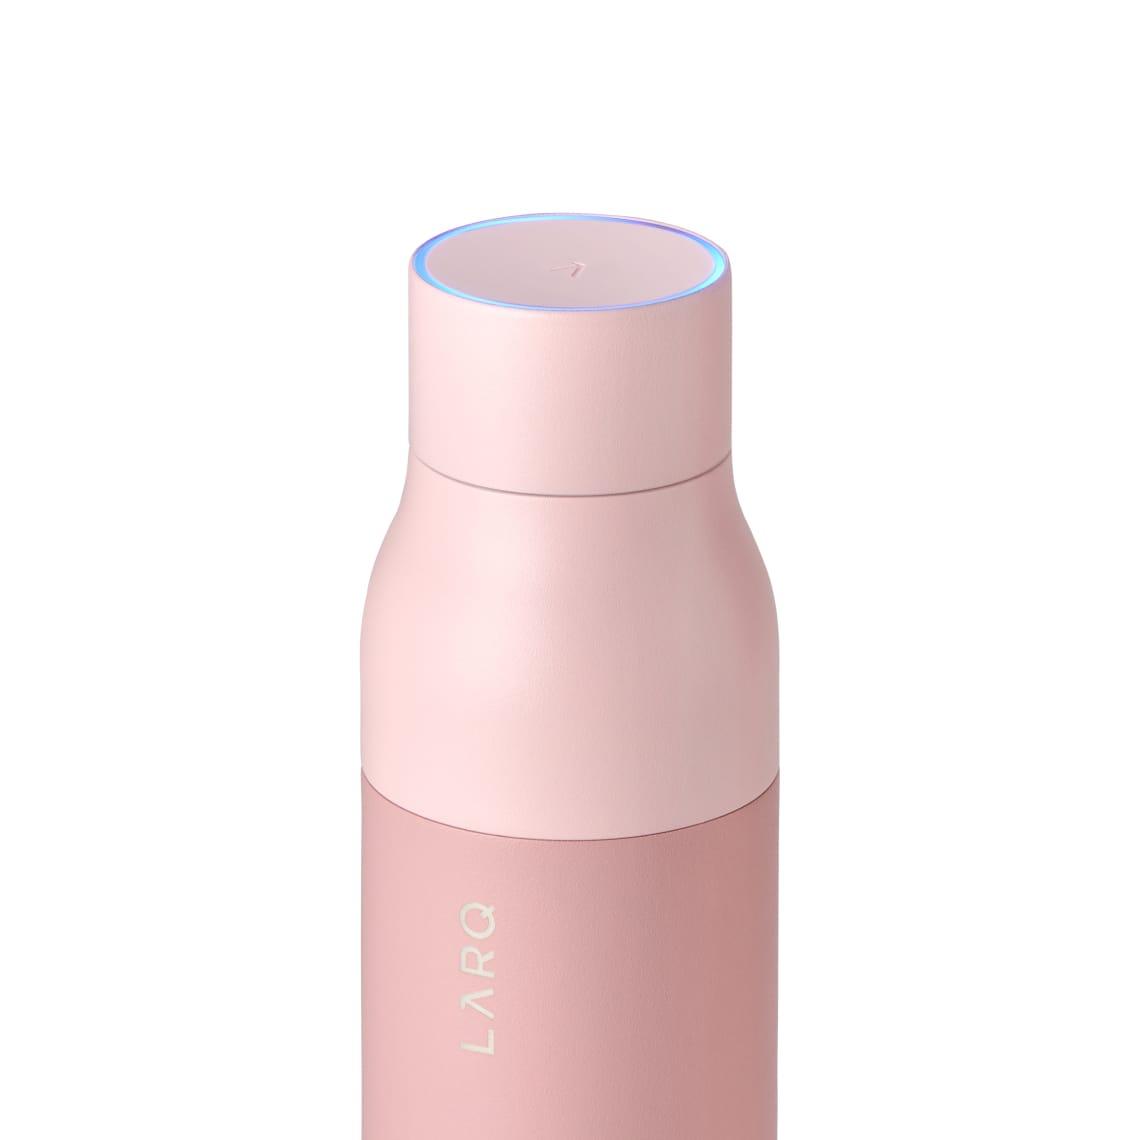 LARQ Bottle PureVis - Himalayan Pink